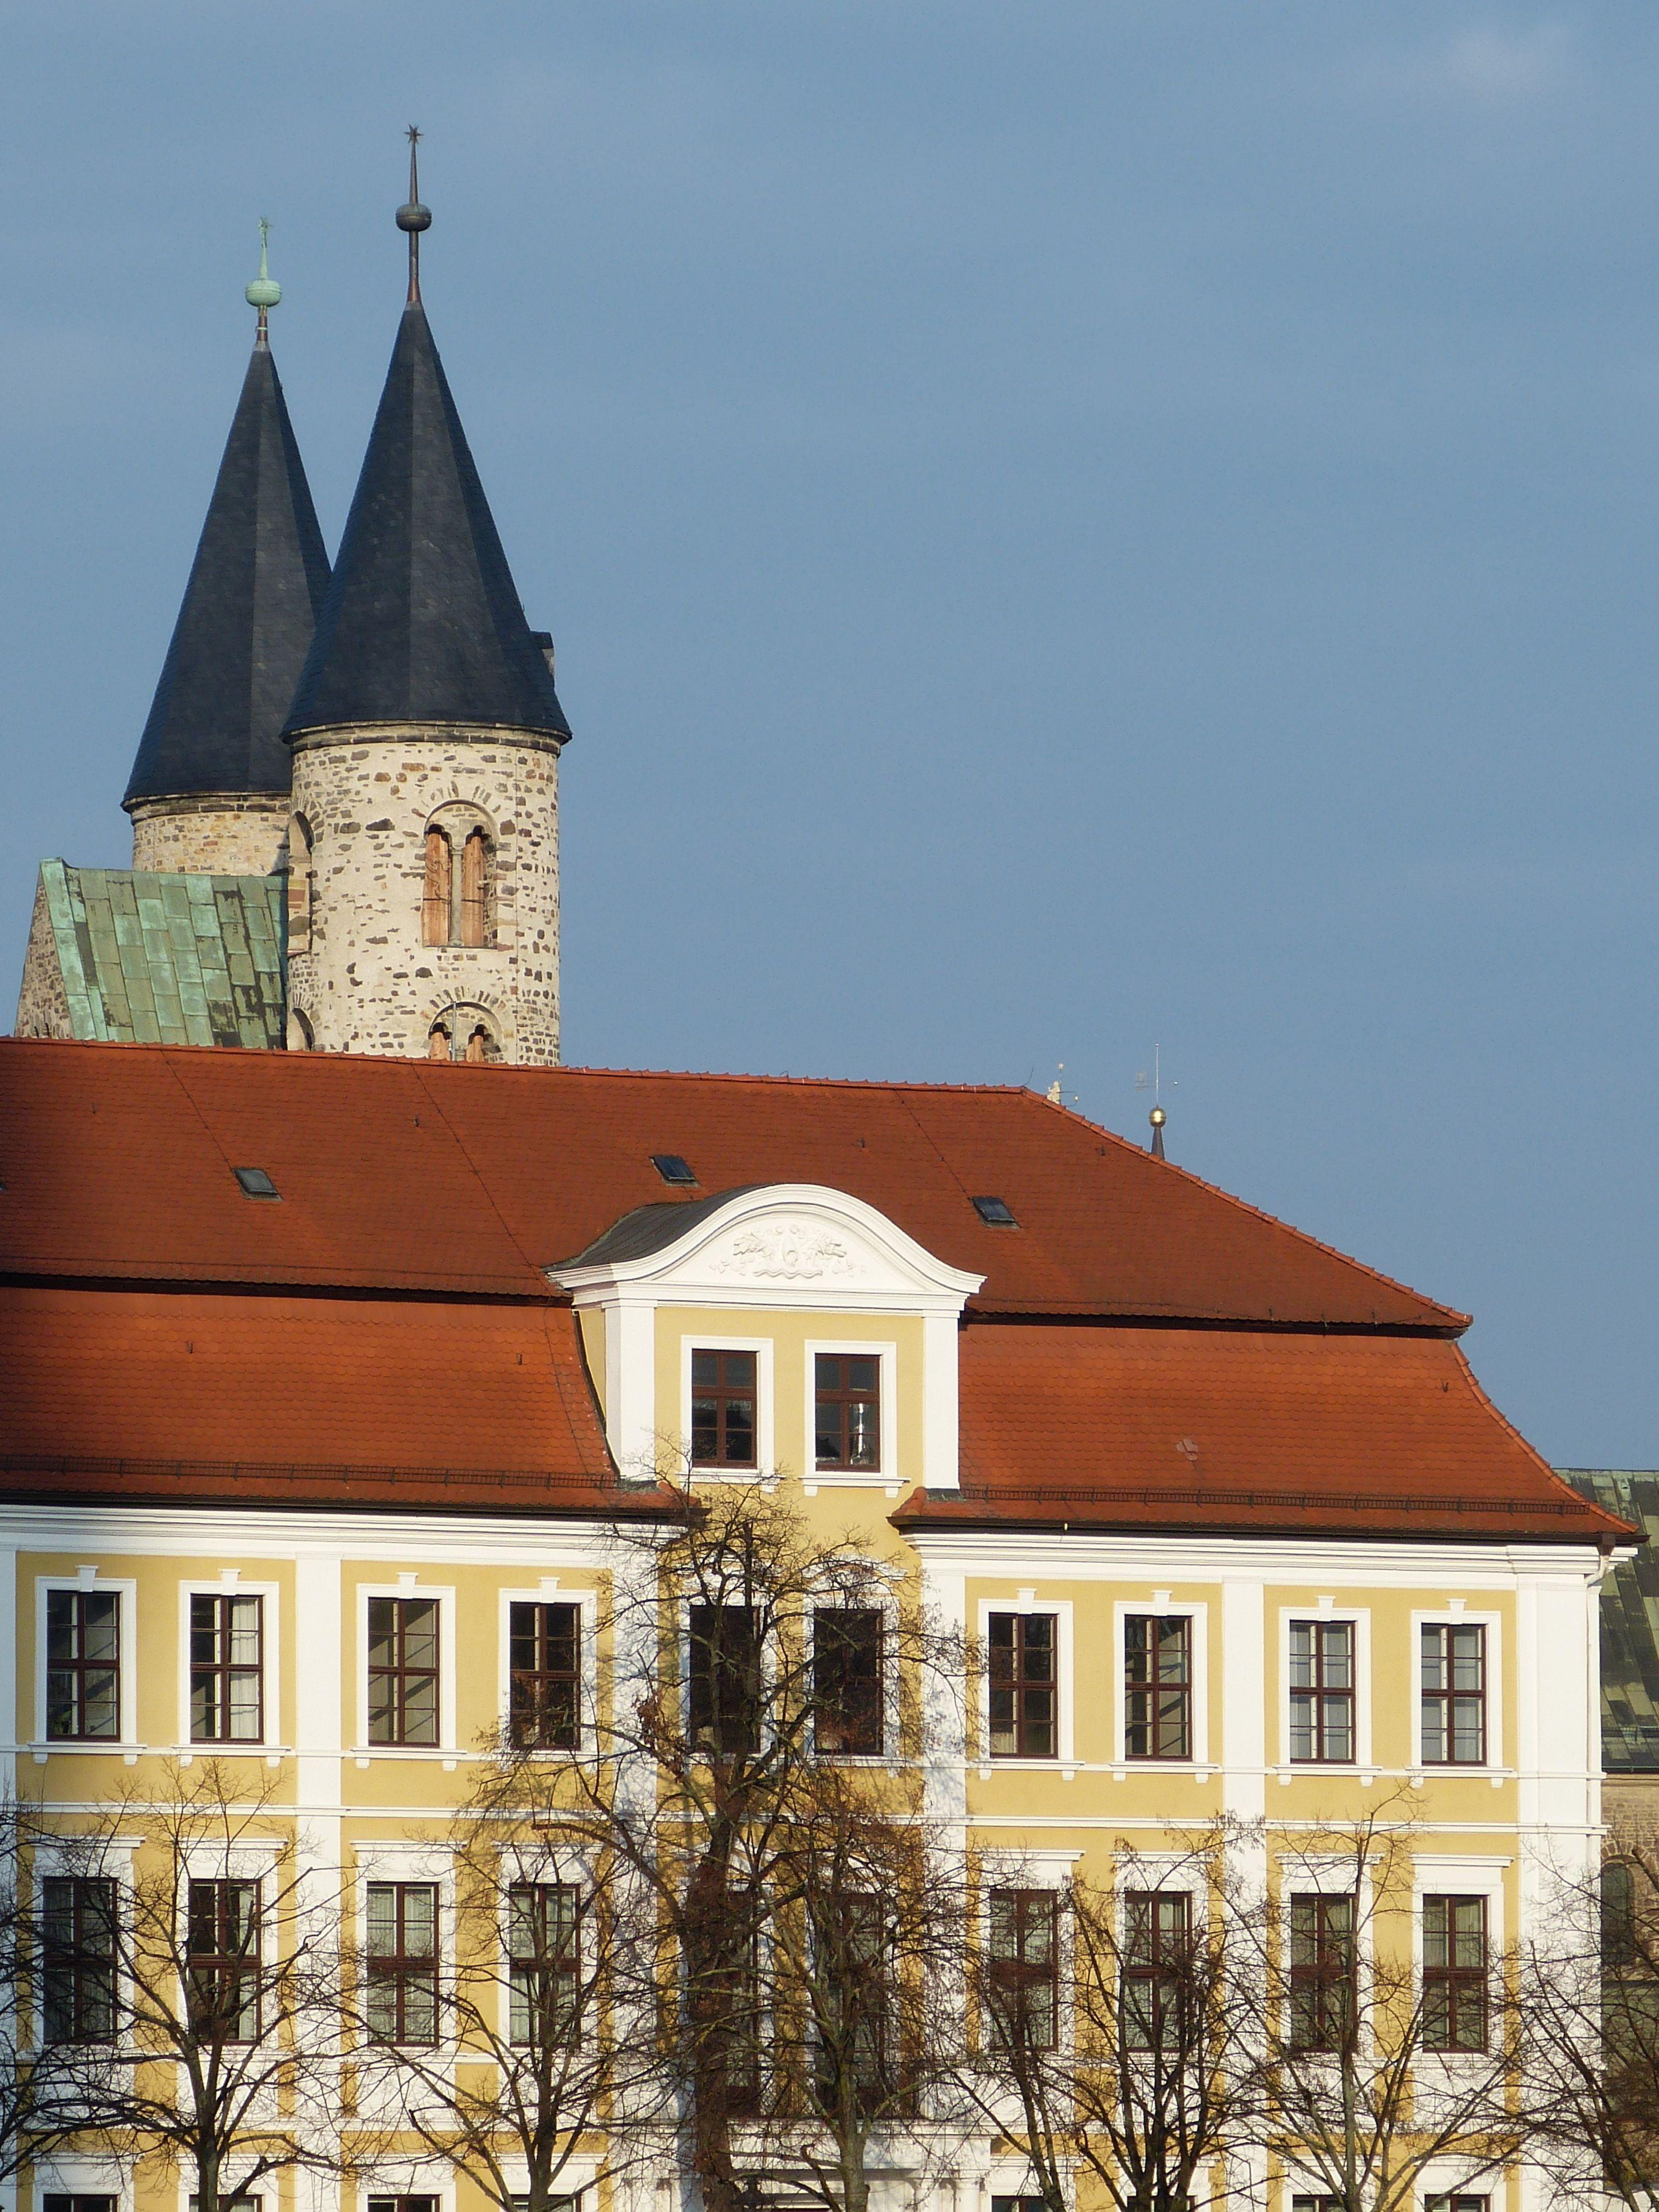 Magdeburg Architektur kostenlose foto die architektur haus gebäude chateau turm